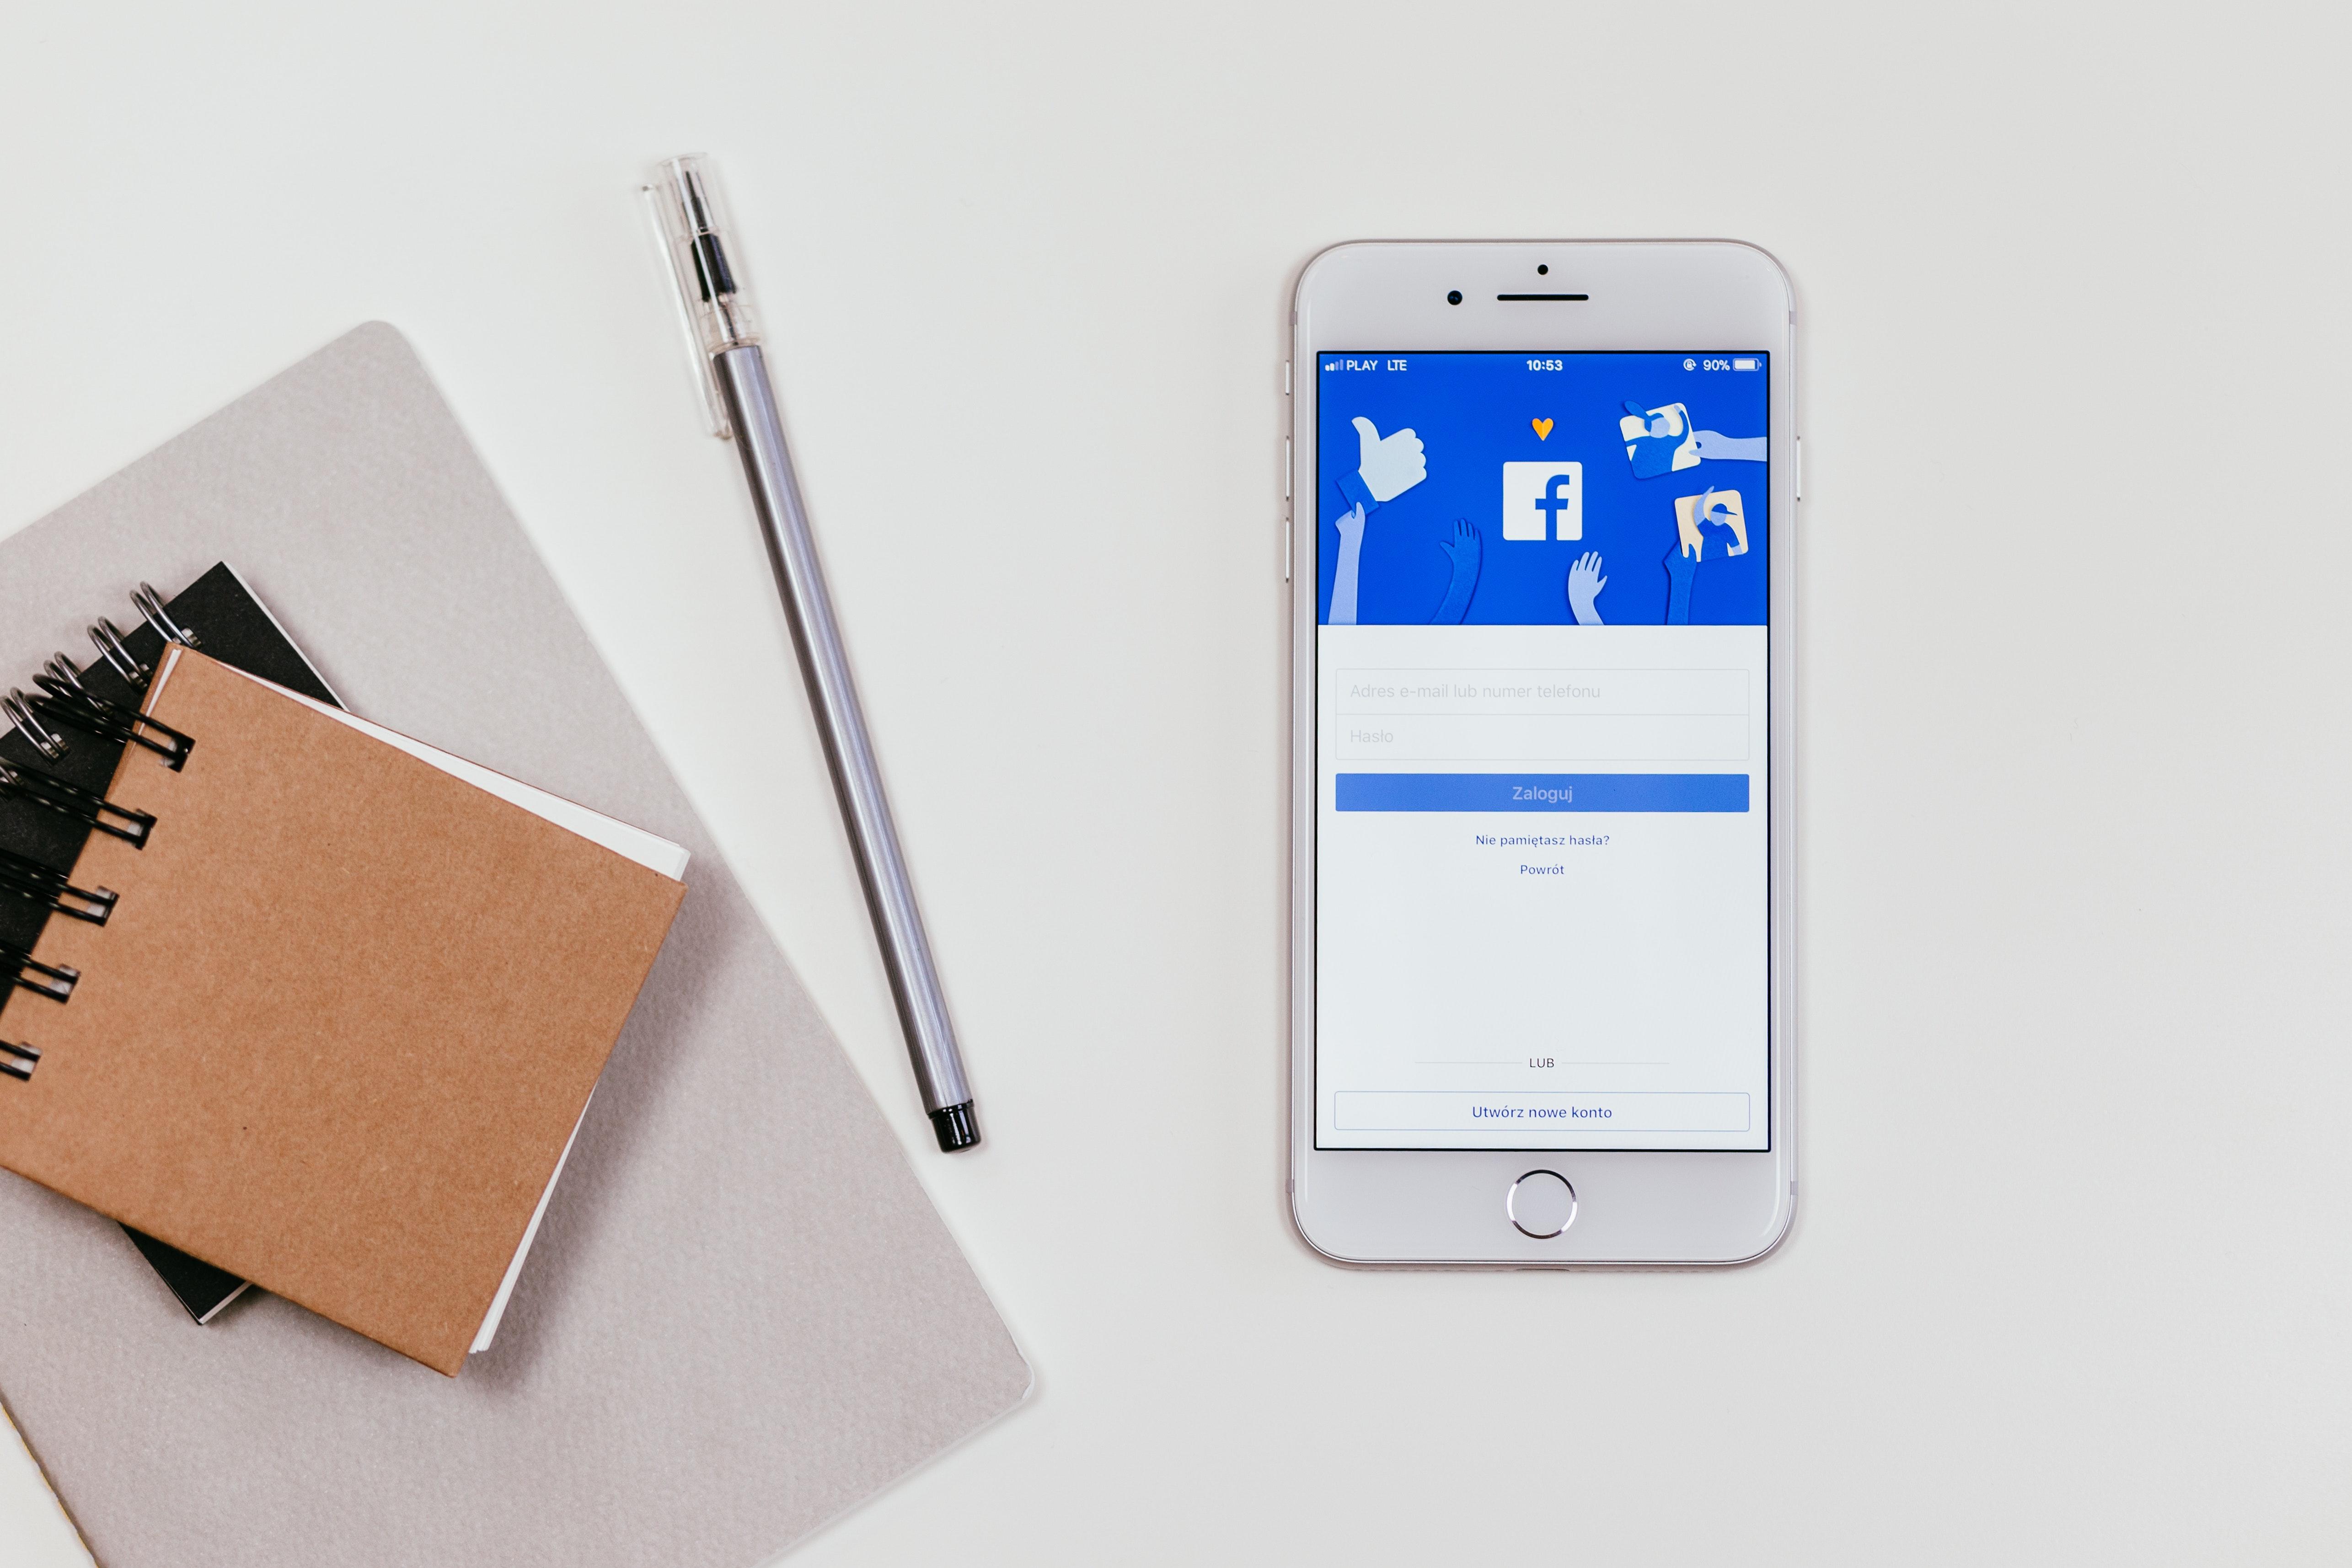 opiniones en redes sociales